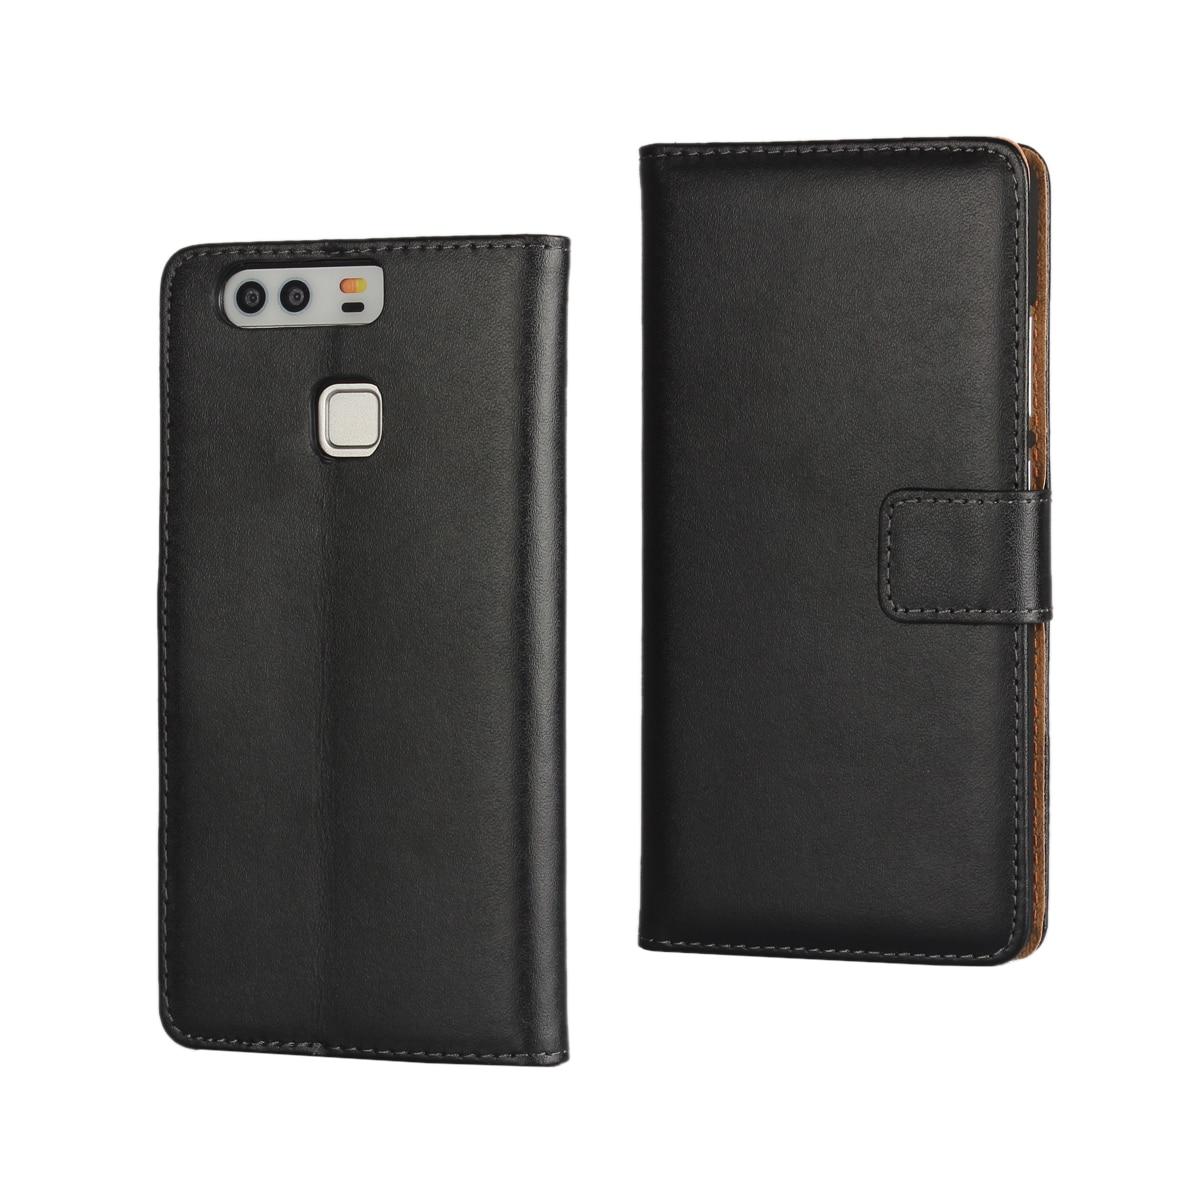 Huawei P9 üçün Case, kart yuvaları və nağd sahibi GG ilə - Cib telefonu aksesuarları və hissələri - Fotoqrafiya 6